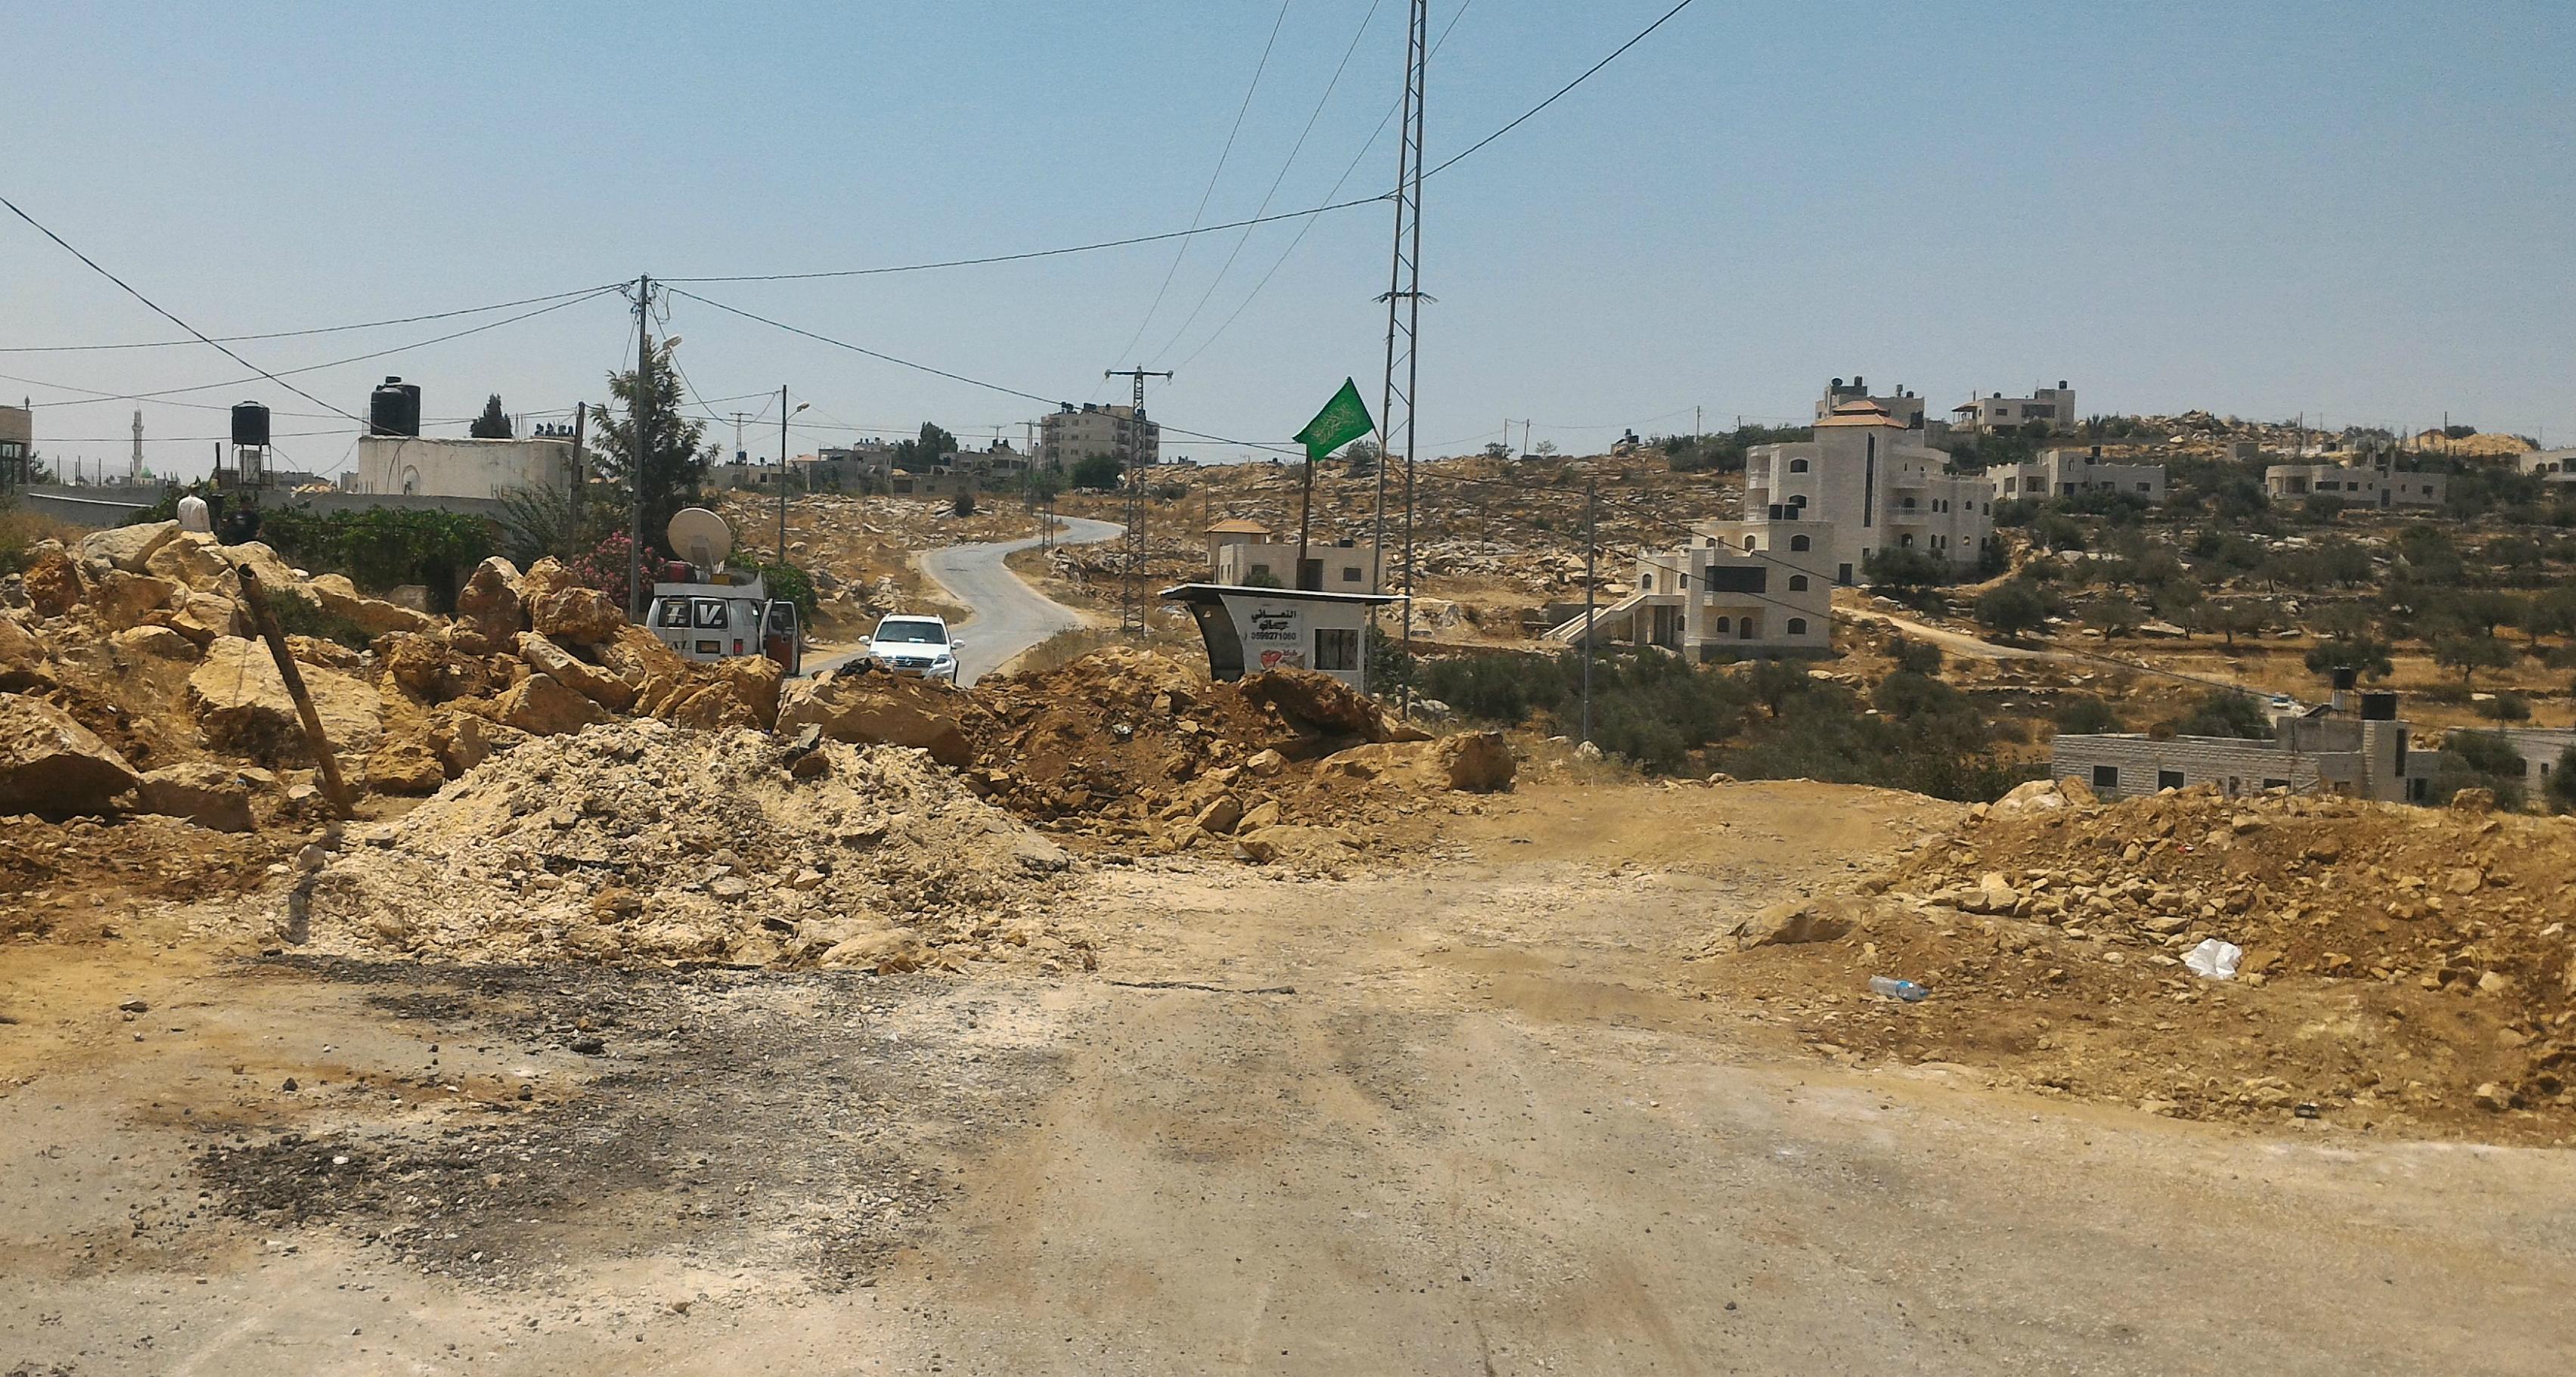 חסימת עפר שהצבא ביצע בכניסה המזרחית של כובר. צילום, איאד חדאד, בצלם. 23.7.17.